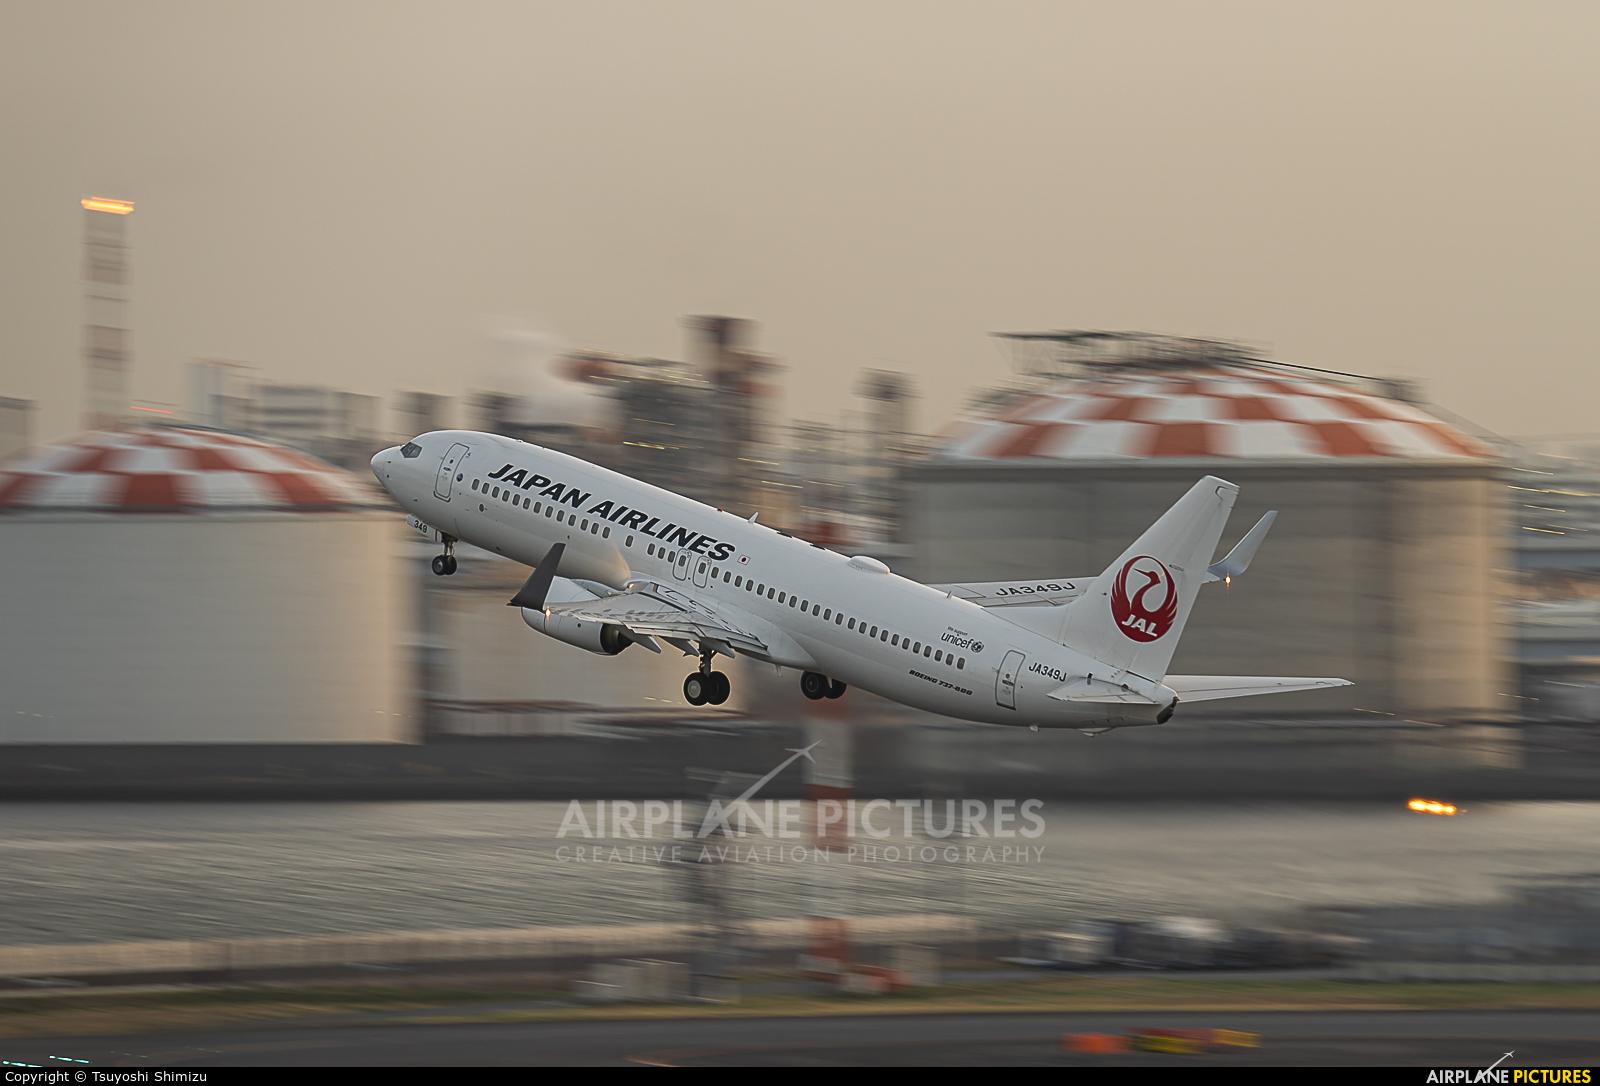 JAL - Japan Airlines JA349J aircraft at Tokyo - Haneda Intl